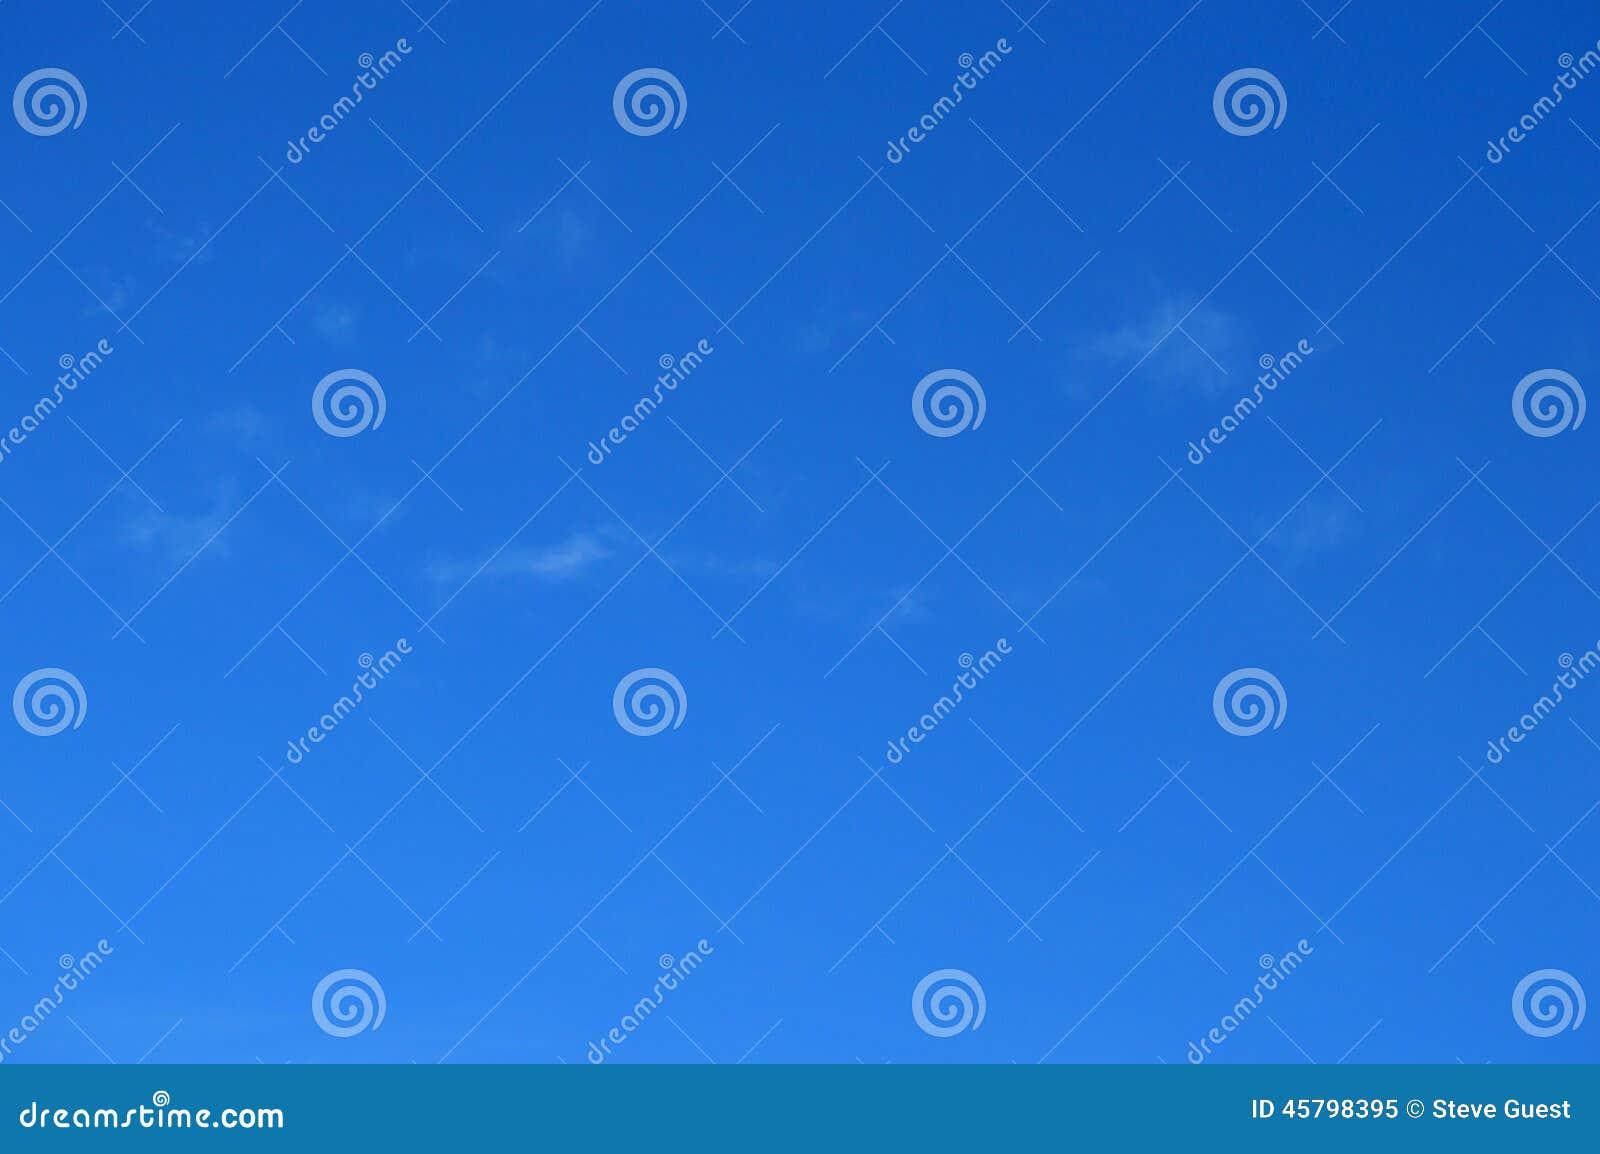 A Blue Sky Backing